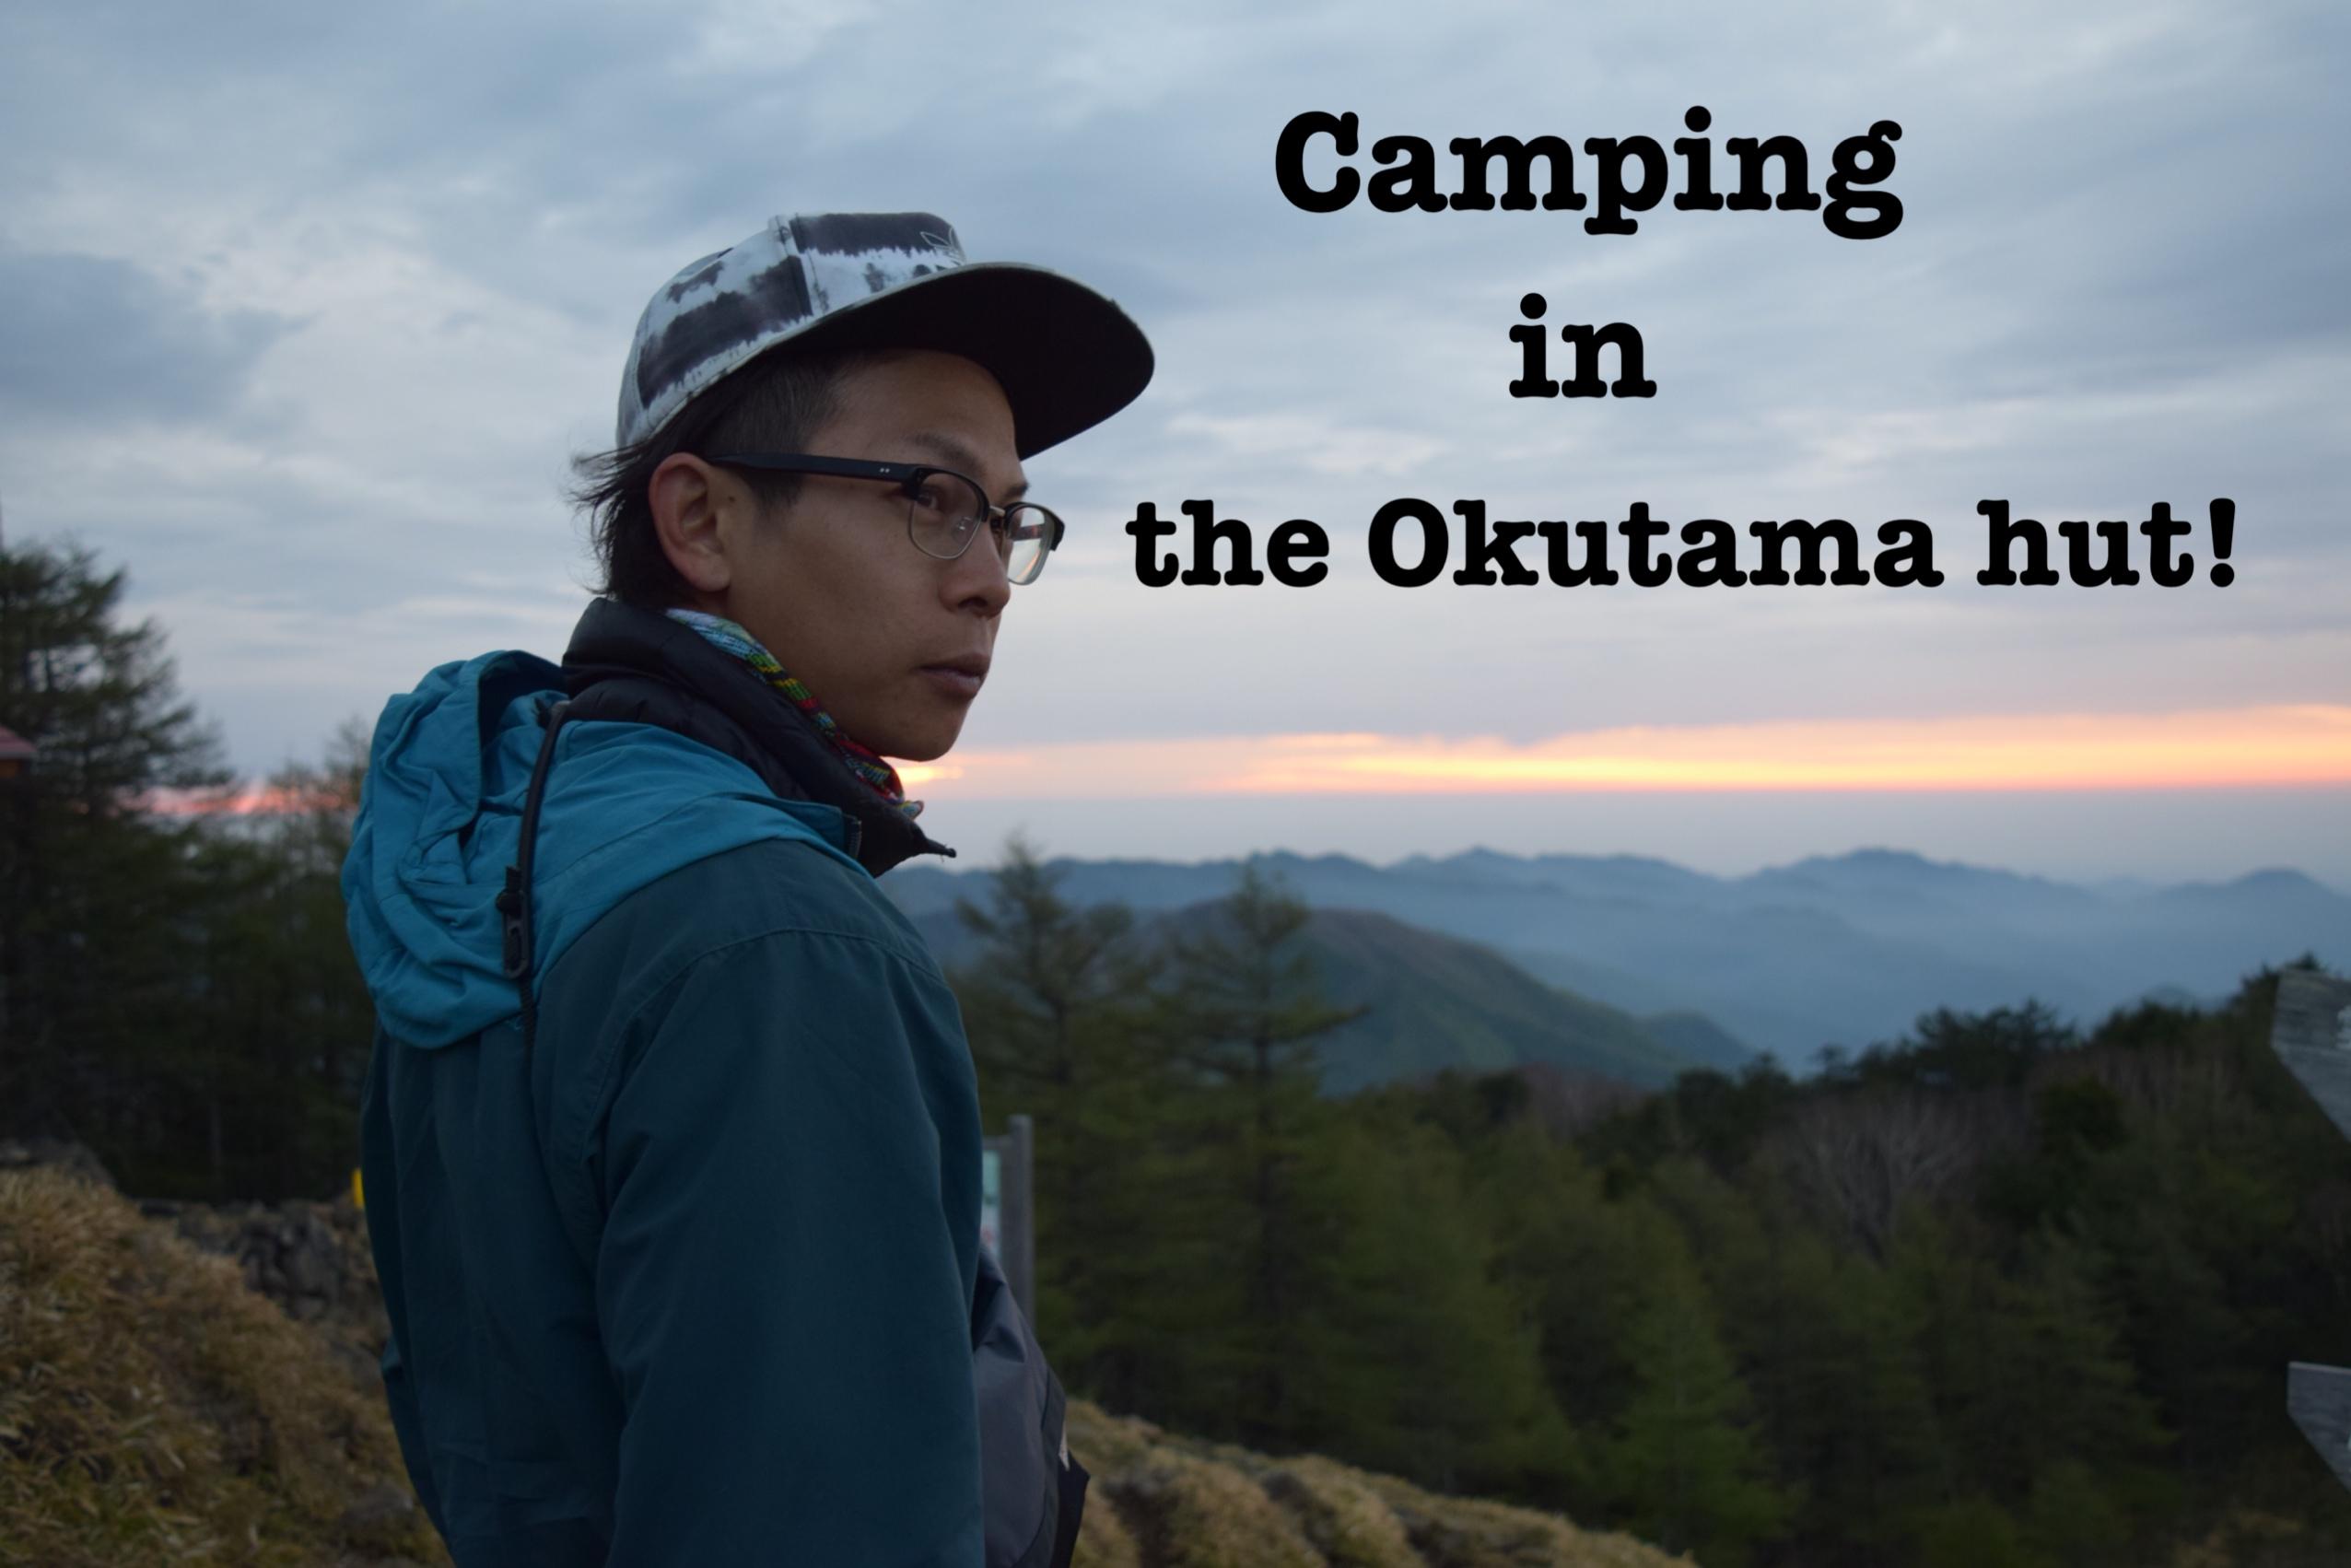 【山の旅】鴨沢ピストンで今年で閉鎖の奥多摩小屋でキャンプ!!!(前編)